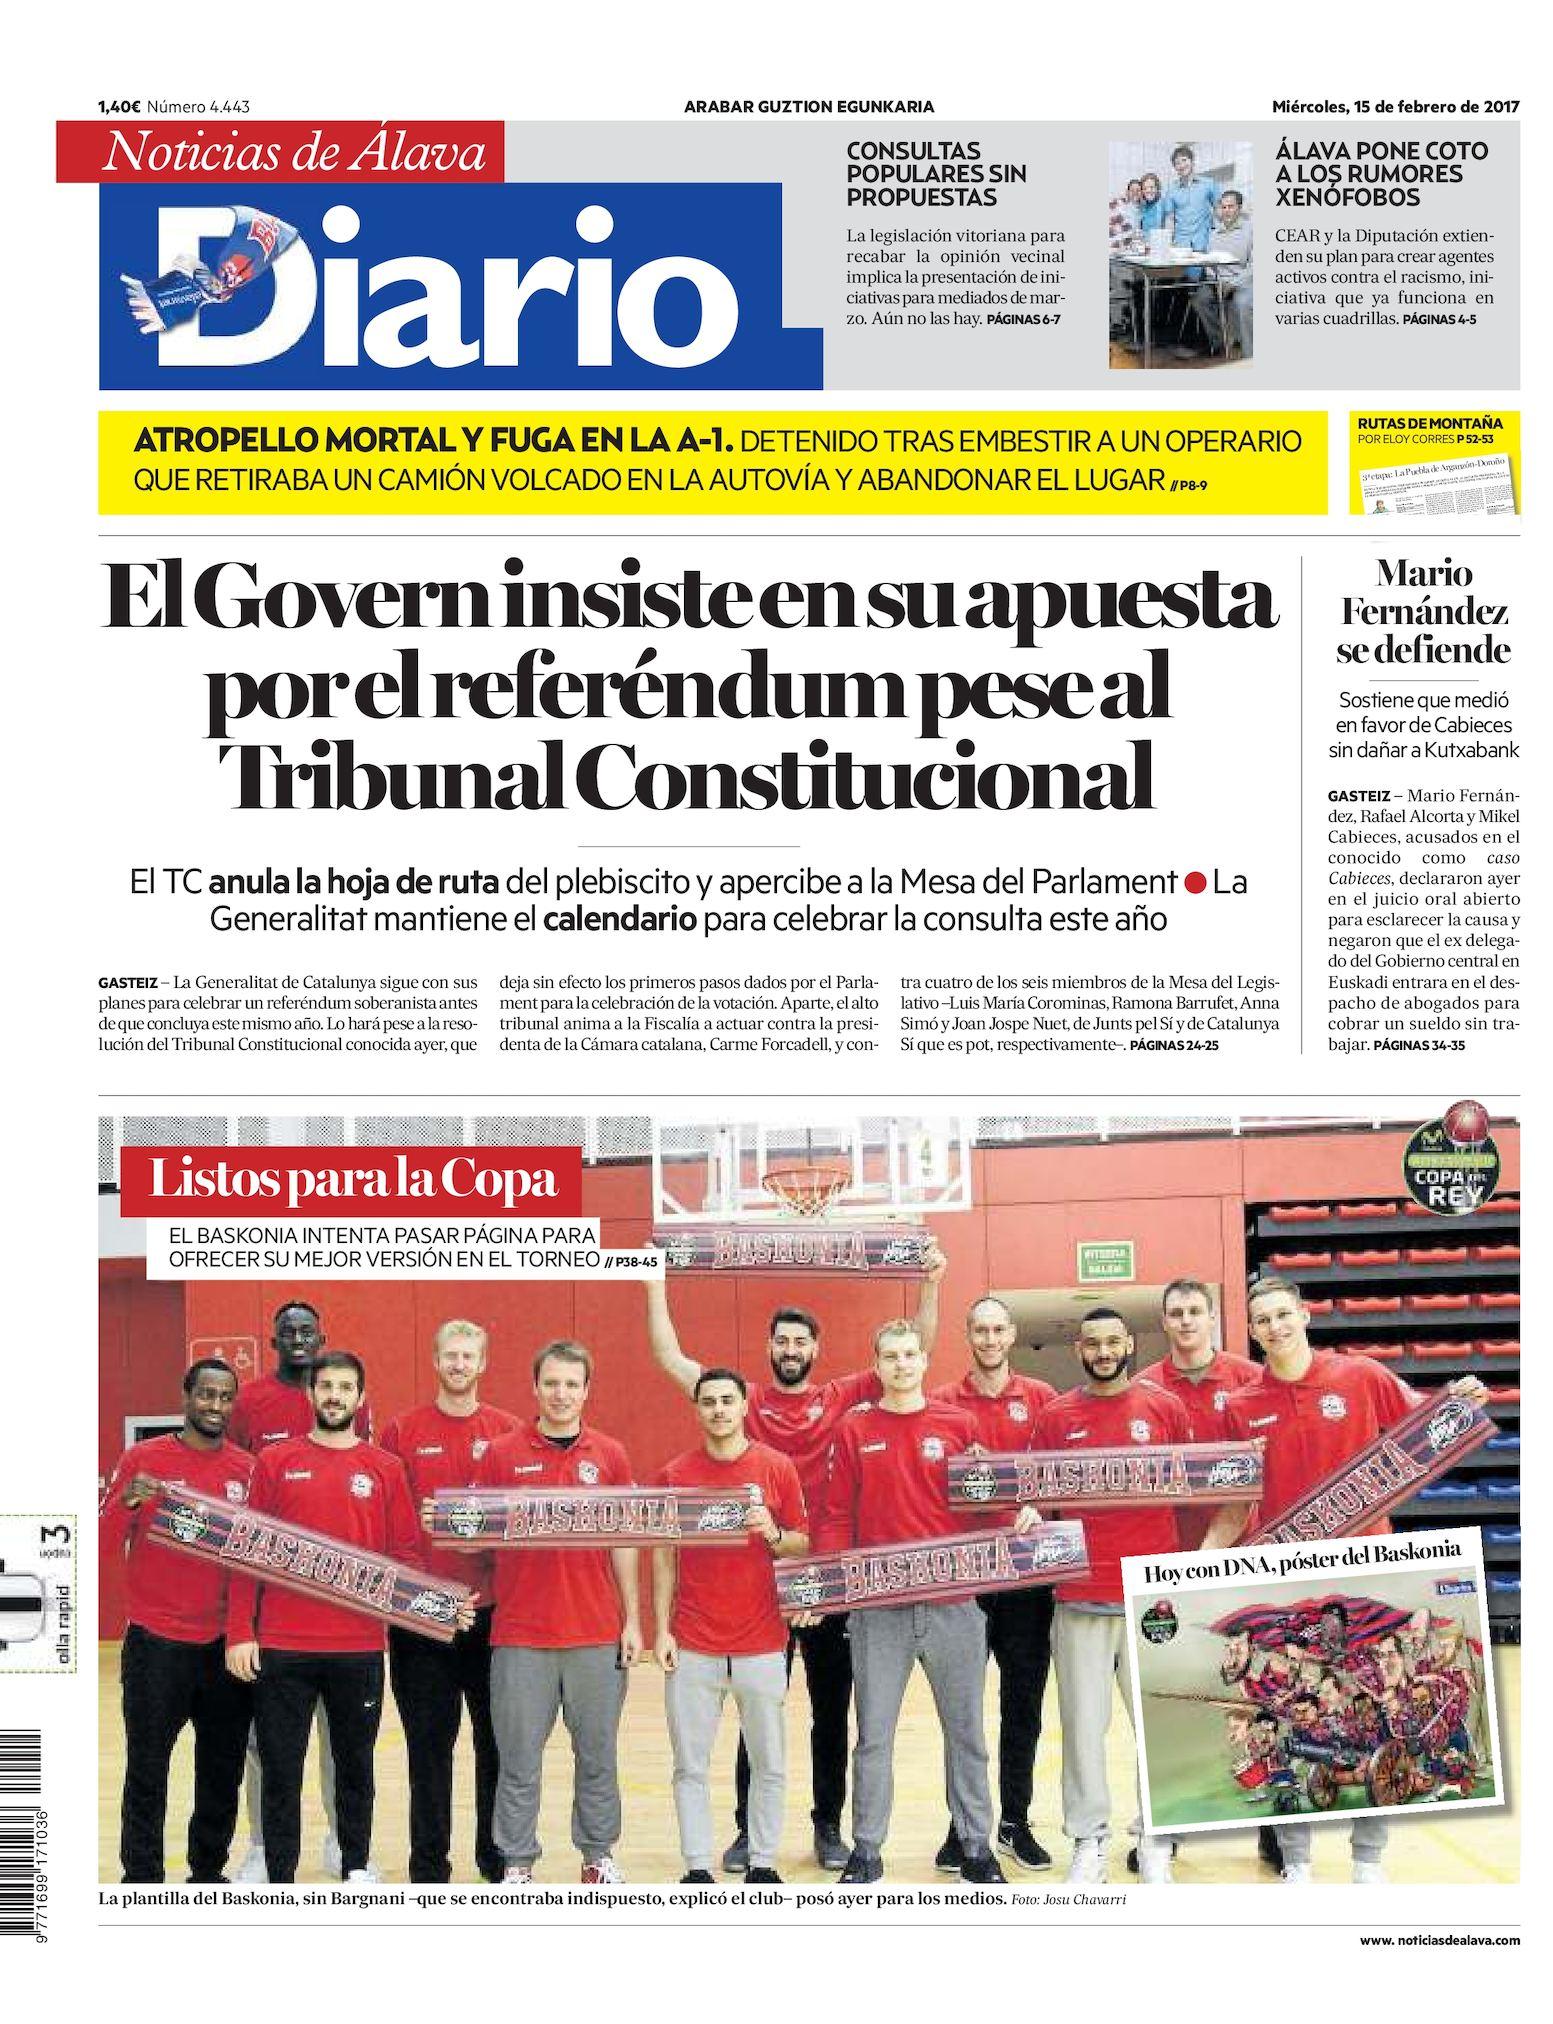 new style 26831 ed268 Calaméo - Diario de Noticias de Álava 20170215